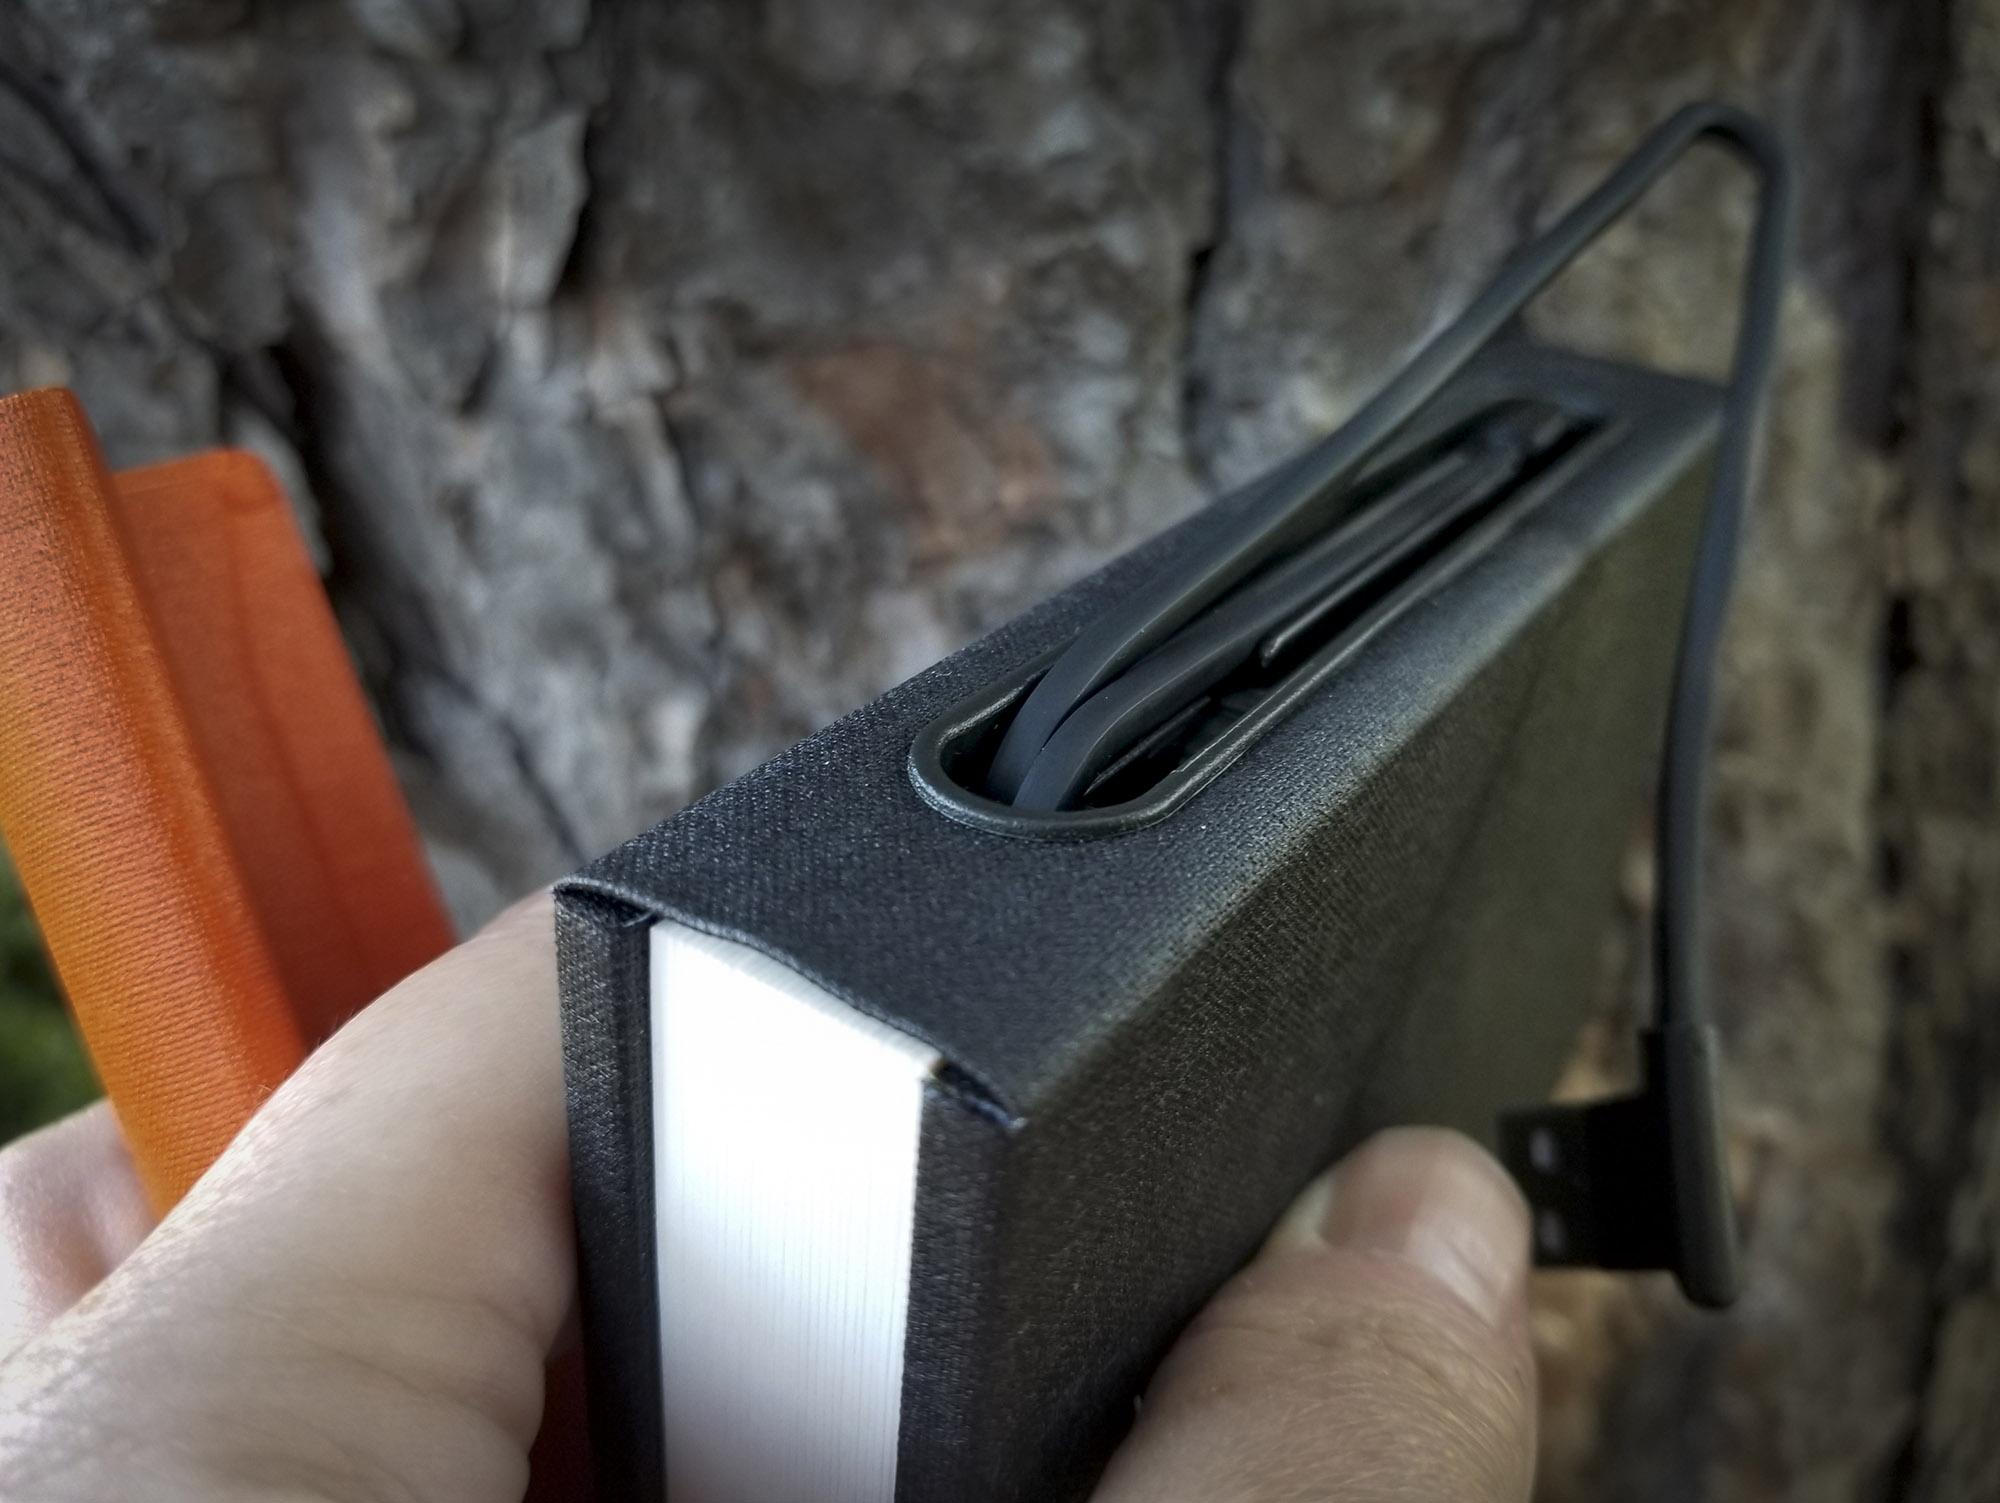 Lito mini cord center with USB cord